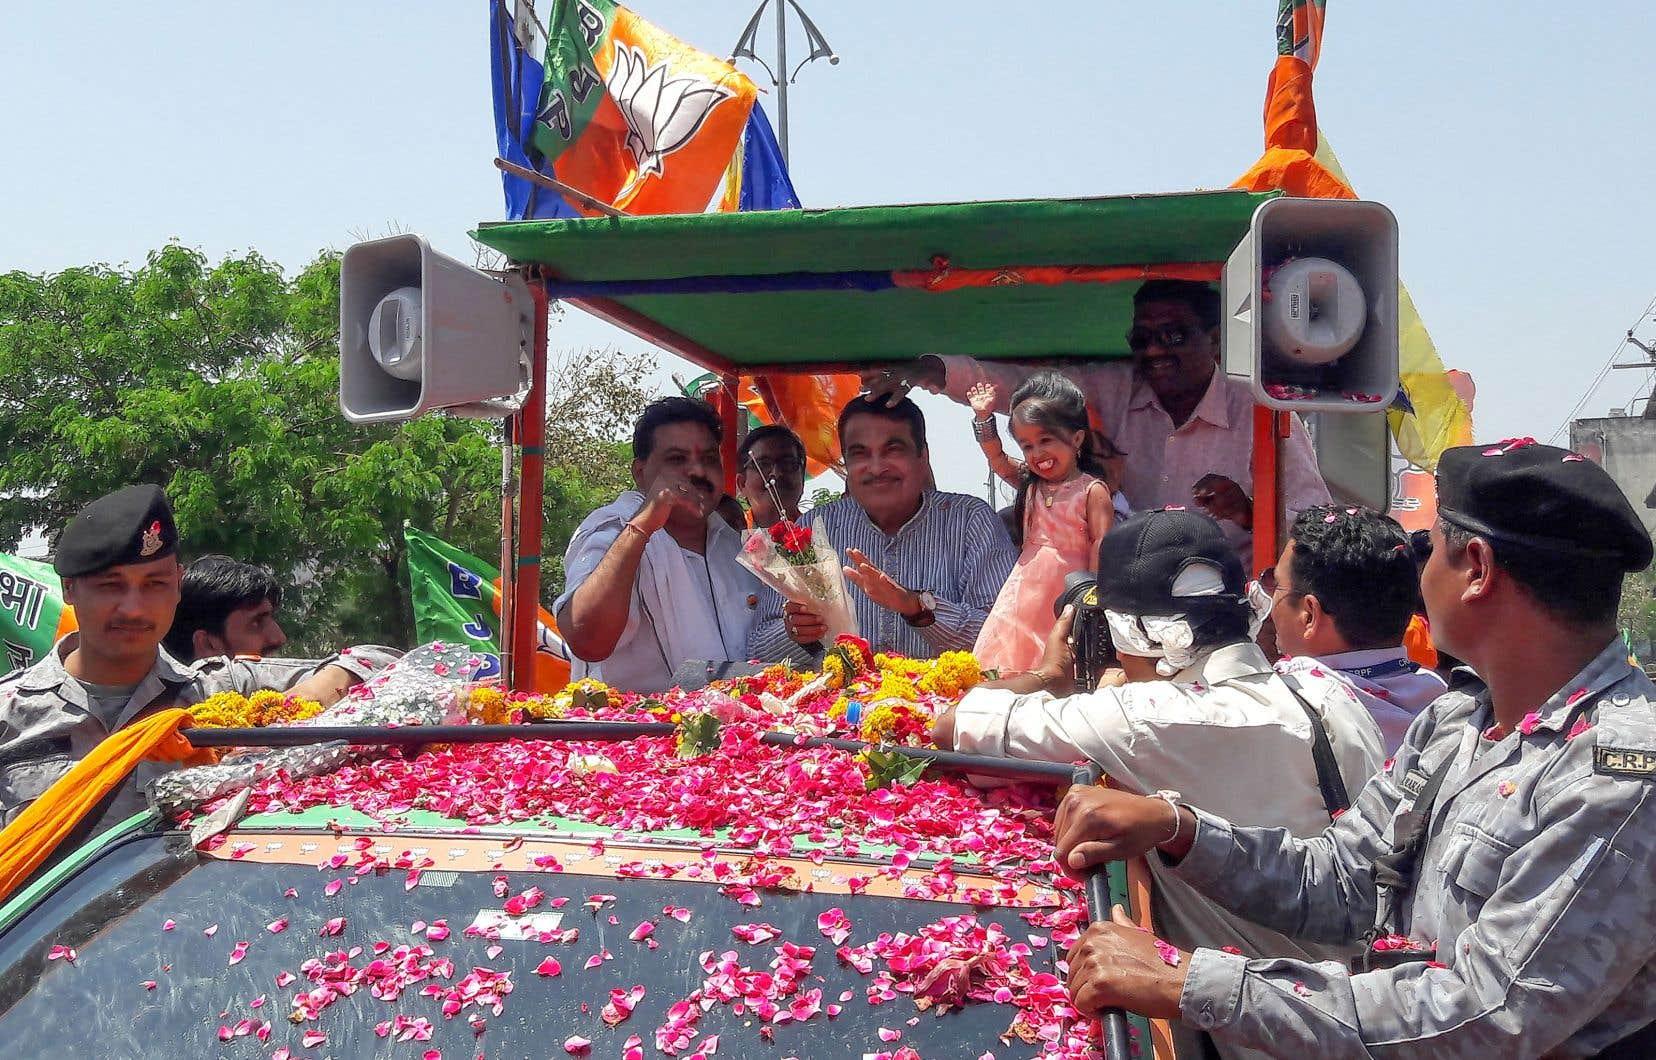 Le candidat local du parti BJP à Nagpur, Nitin Gadkari, accompagné de Jyoti Amge, considérée comme la plus petite femme au monde, est salué par ses partisans à l'occasion d'un défilé politique.